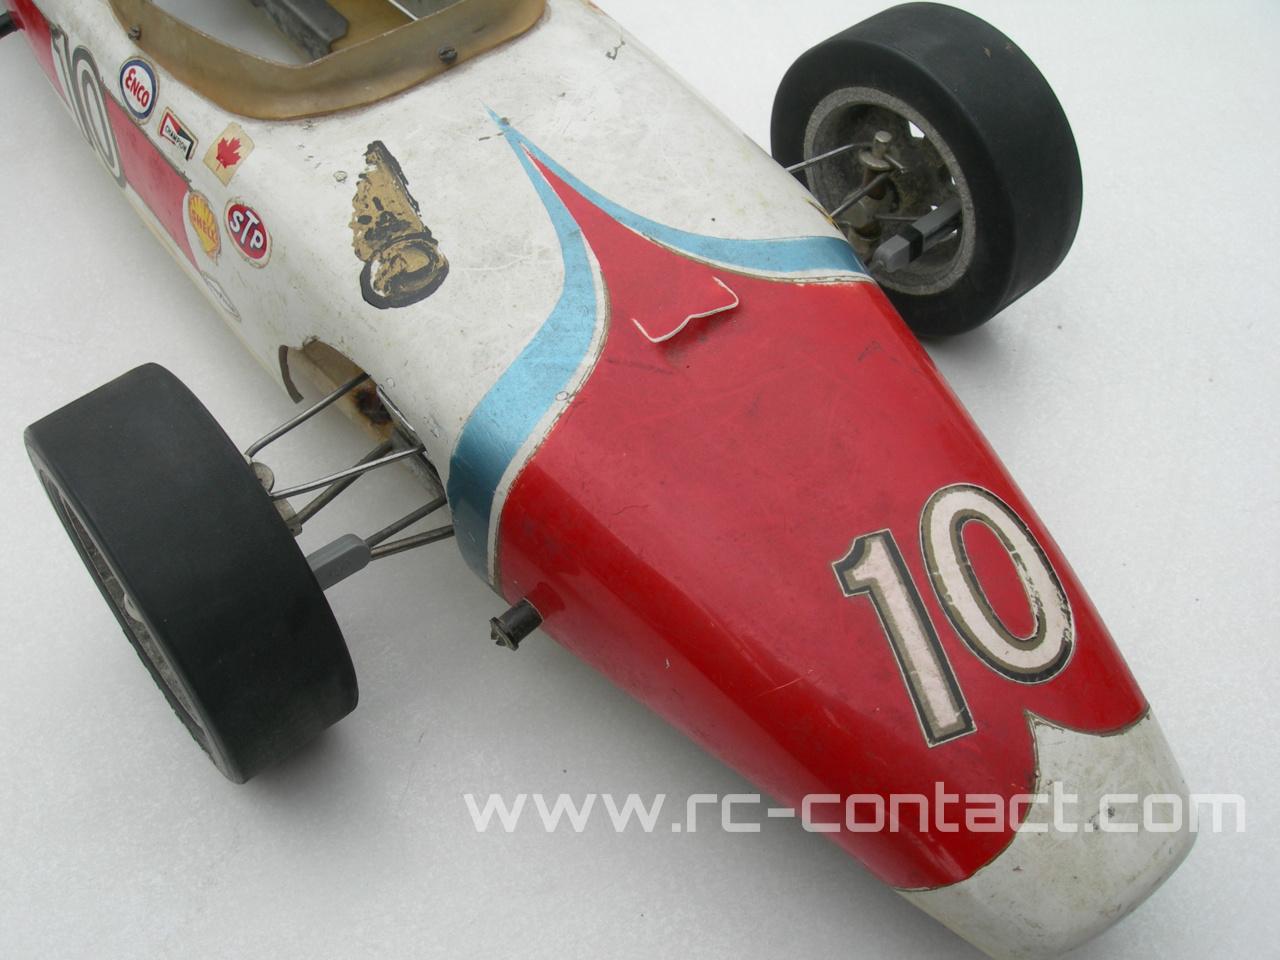 Ra_car5